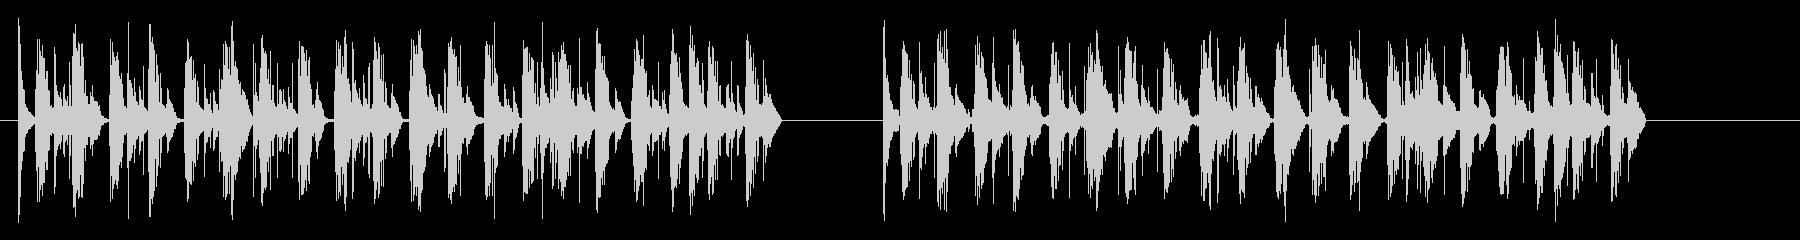 楽しいマシン-2バージョンの未再生の波形